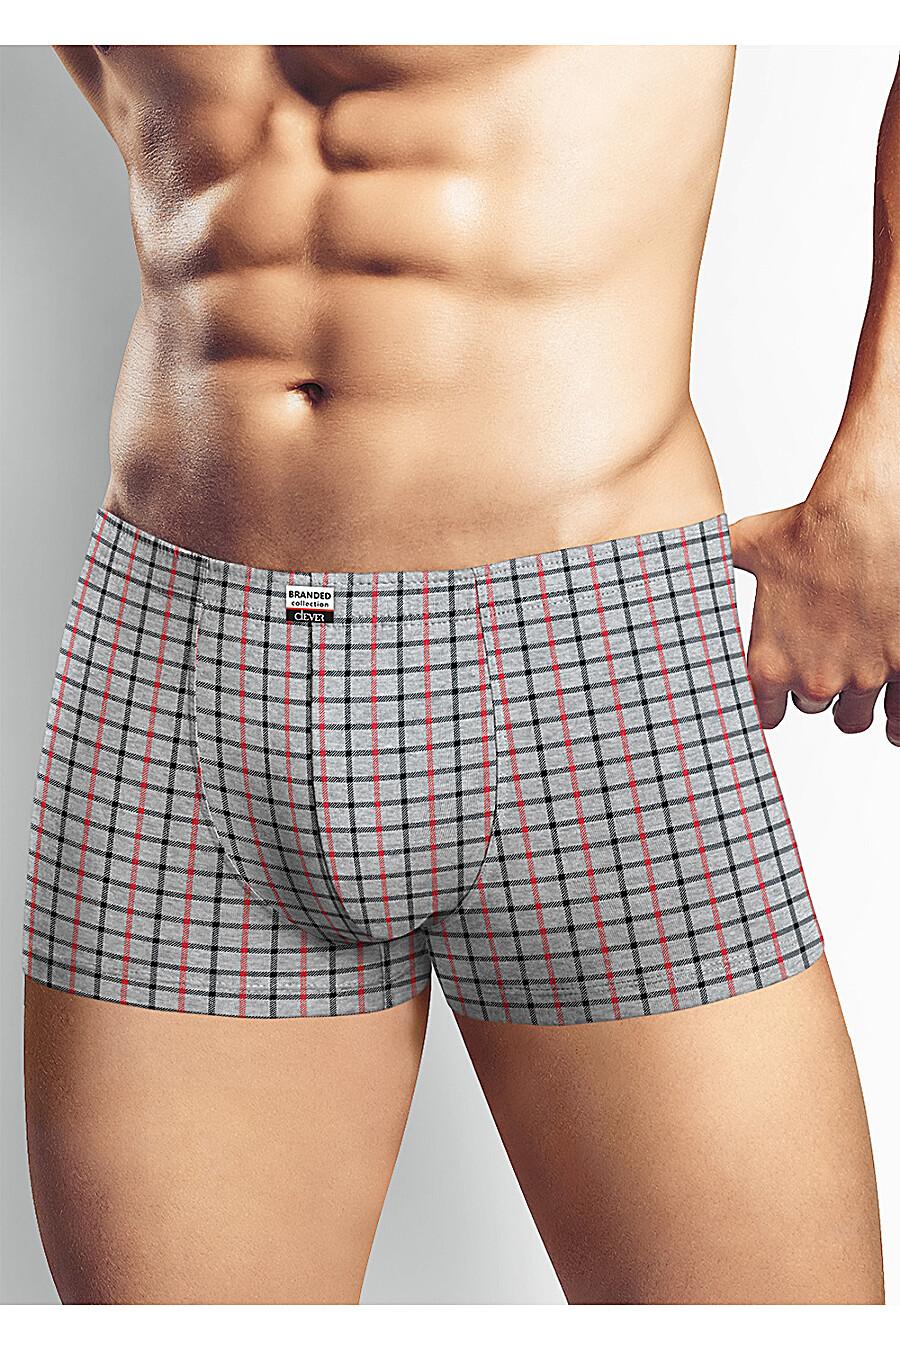 Трусы для мужчин CLEVER 155305 купить оптом от производителя. Совместная покупка мужской одежды в OptMoyo